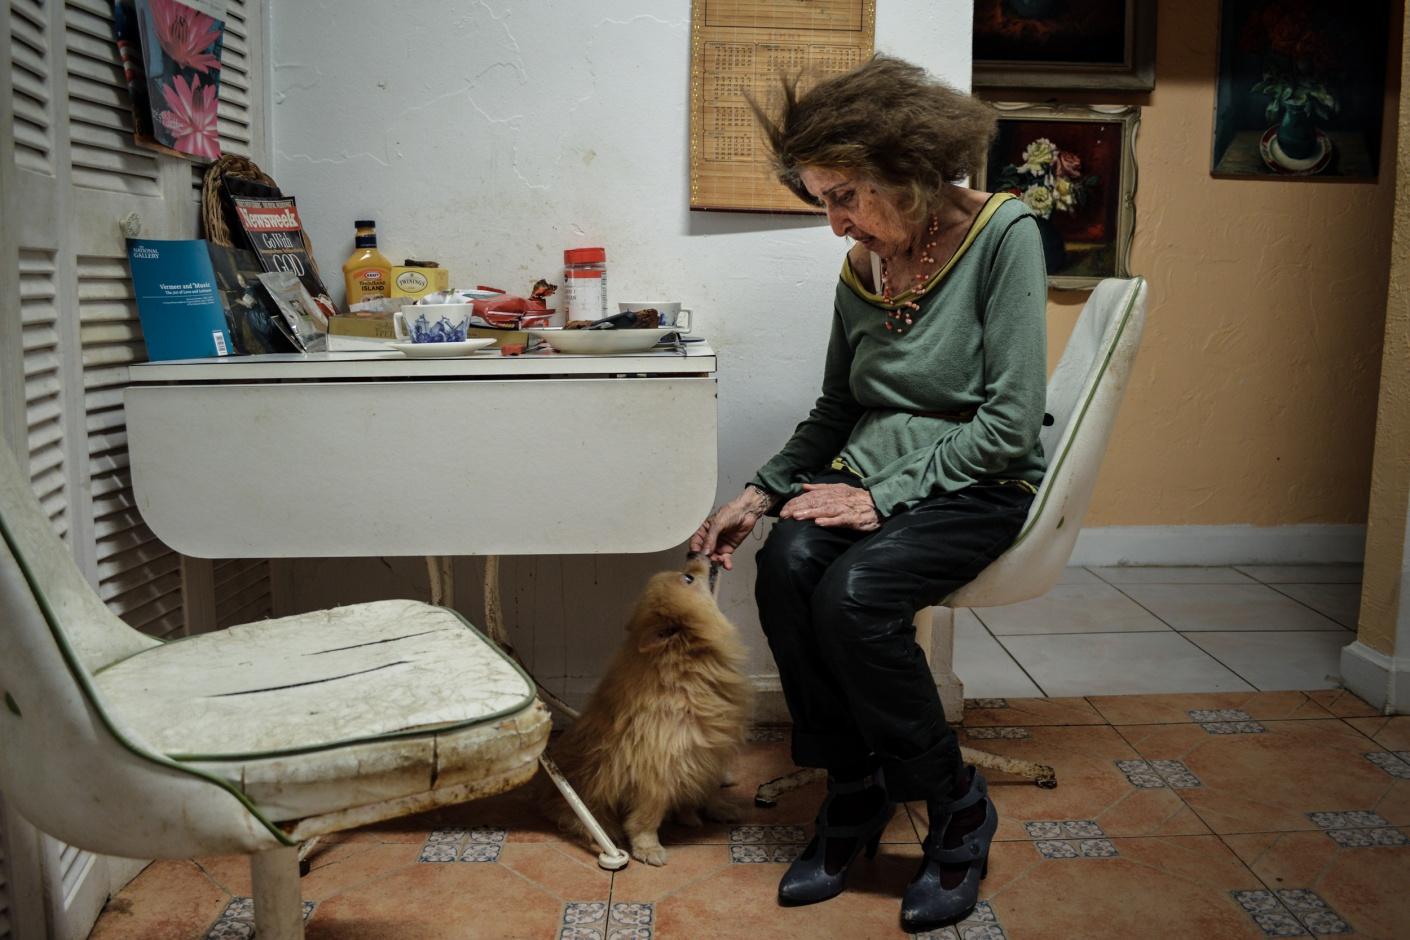 Ida Haendel | Jelle Pieter de Boer